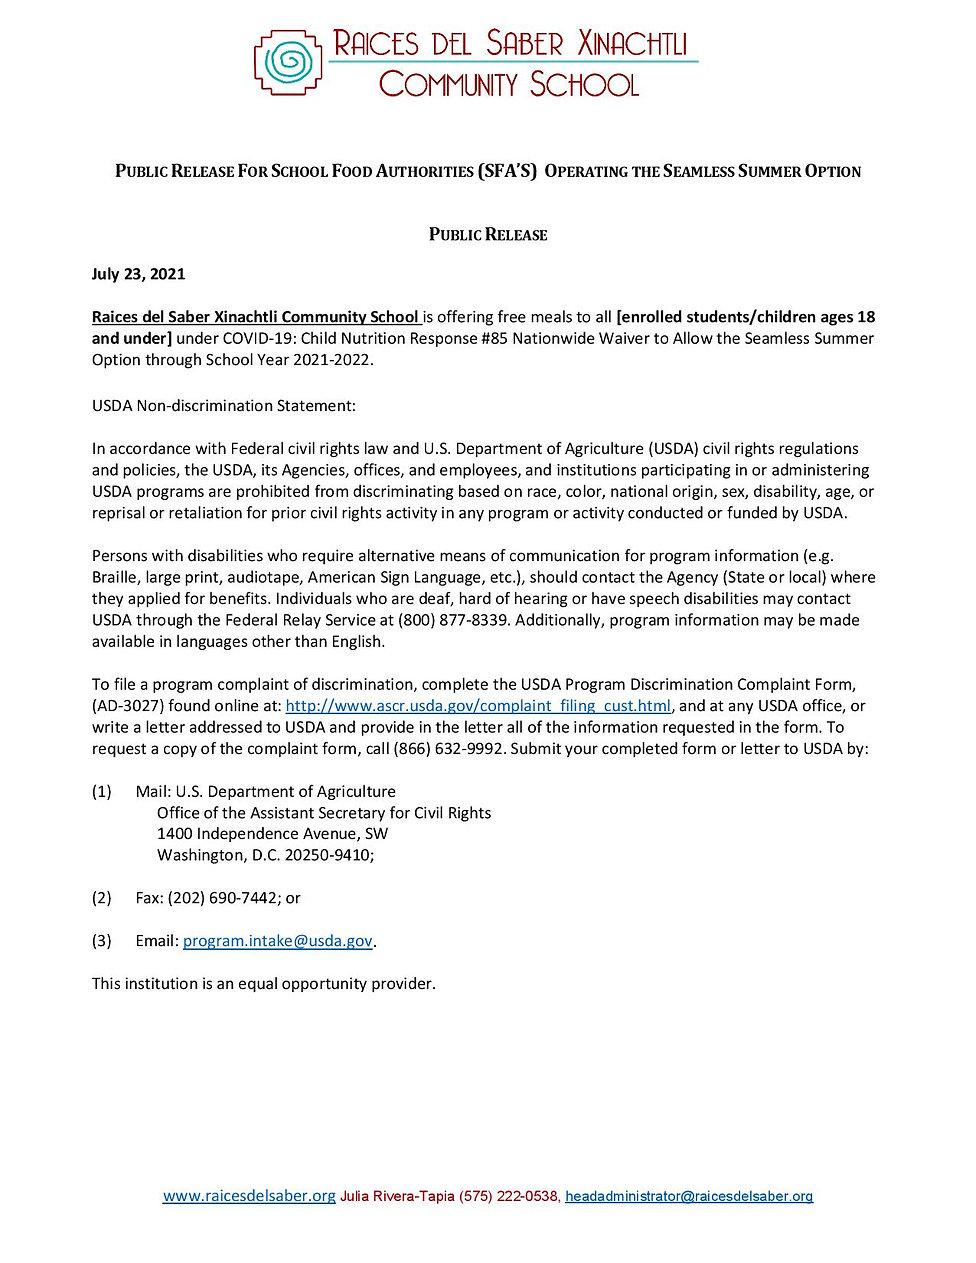 SSO Public Release 21-22-page-001.jpg